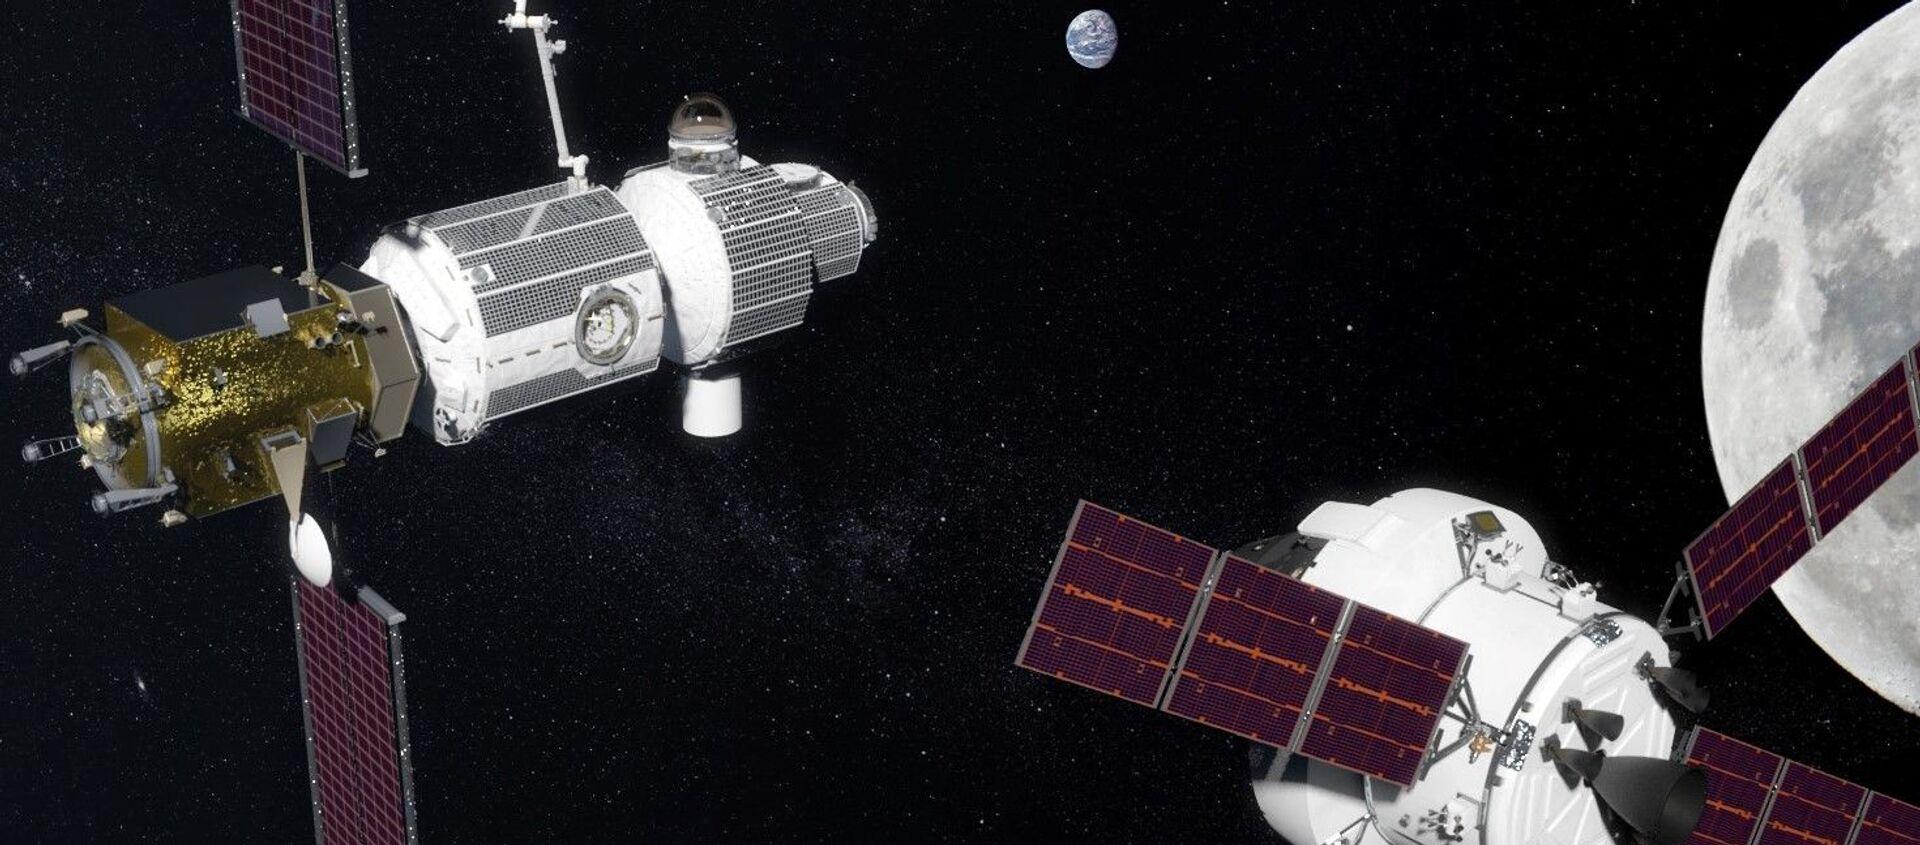 Międzynarodowa księżycowa stacja orbitalna Deep Space Gateway - Sputnik Polska, 1920, 26.02.2021